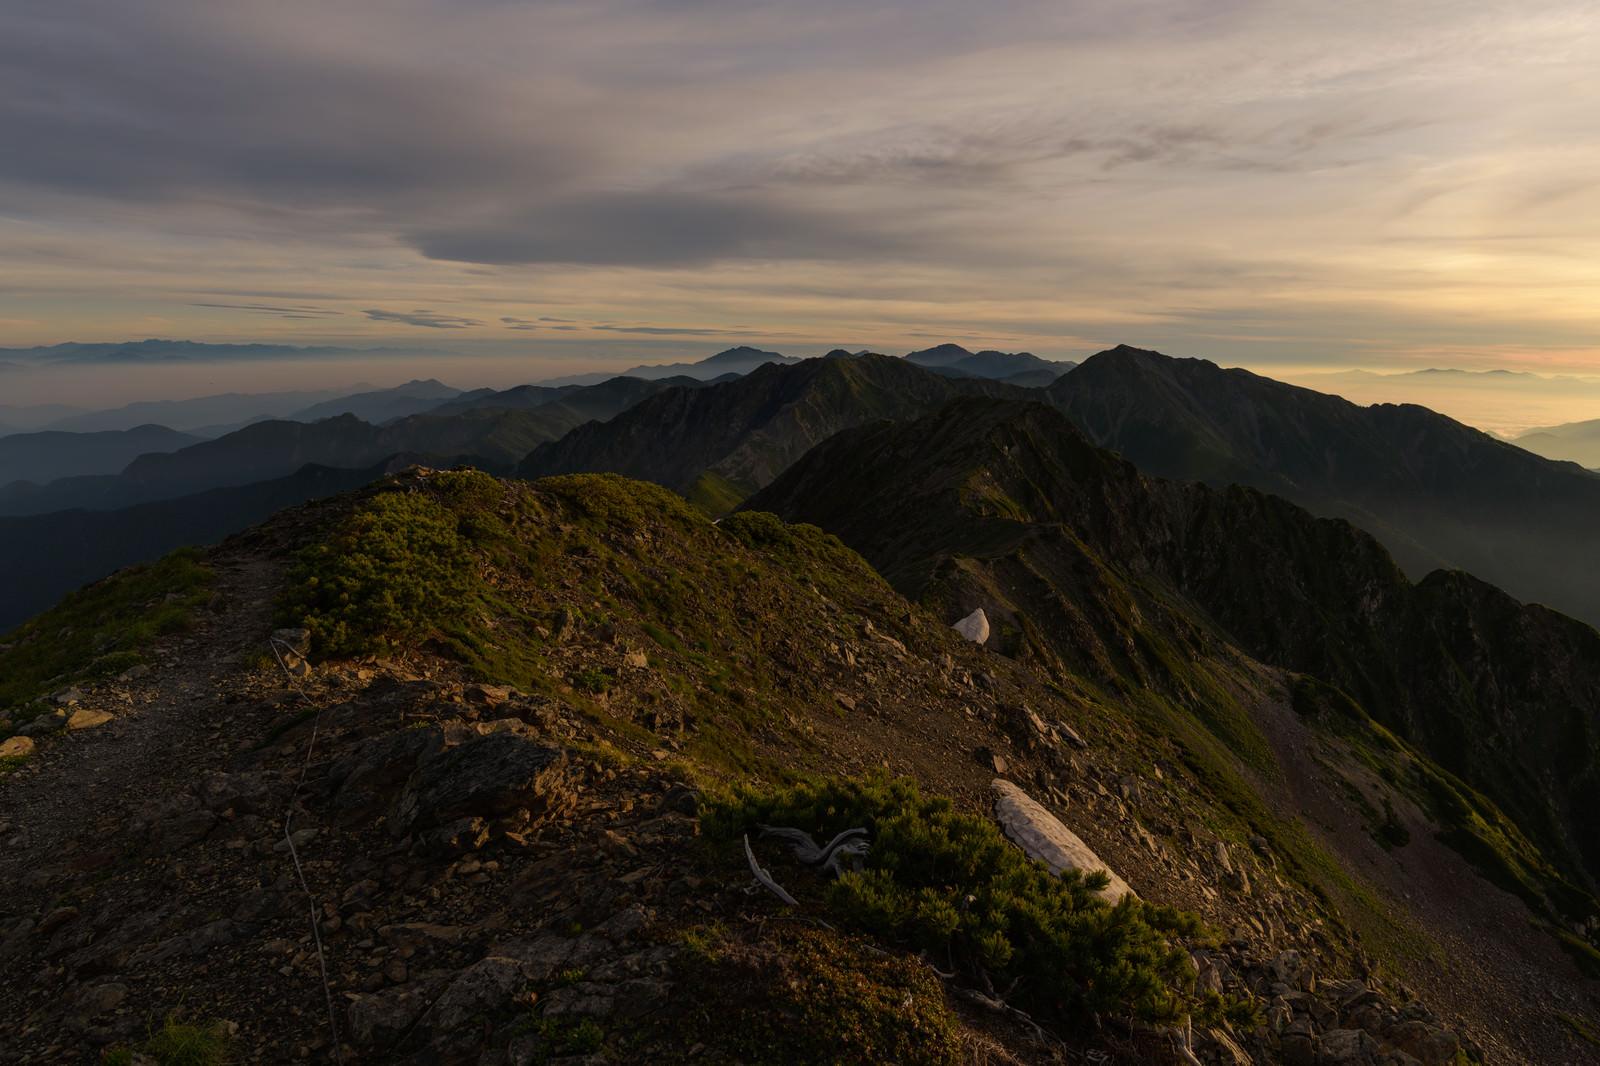 「朝日に照らされる南アルプス南部の稜線」の写真